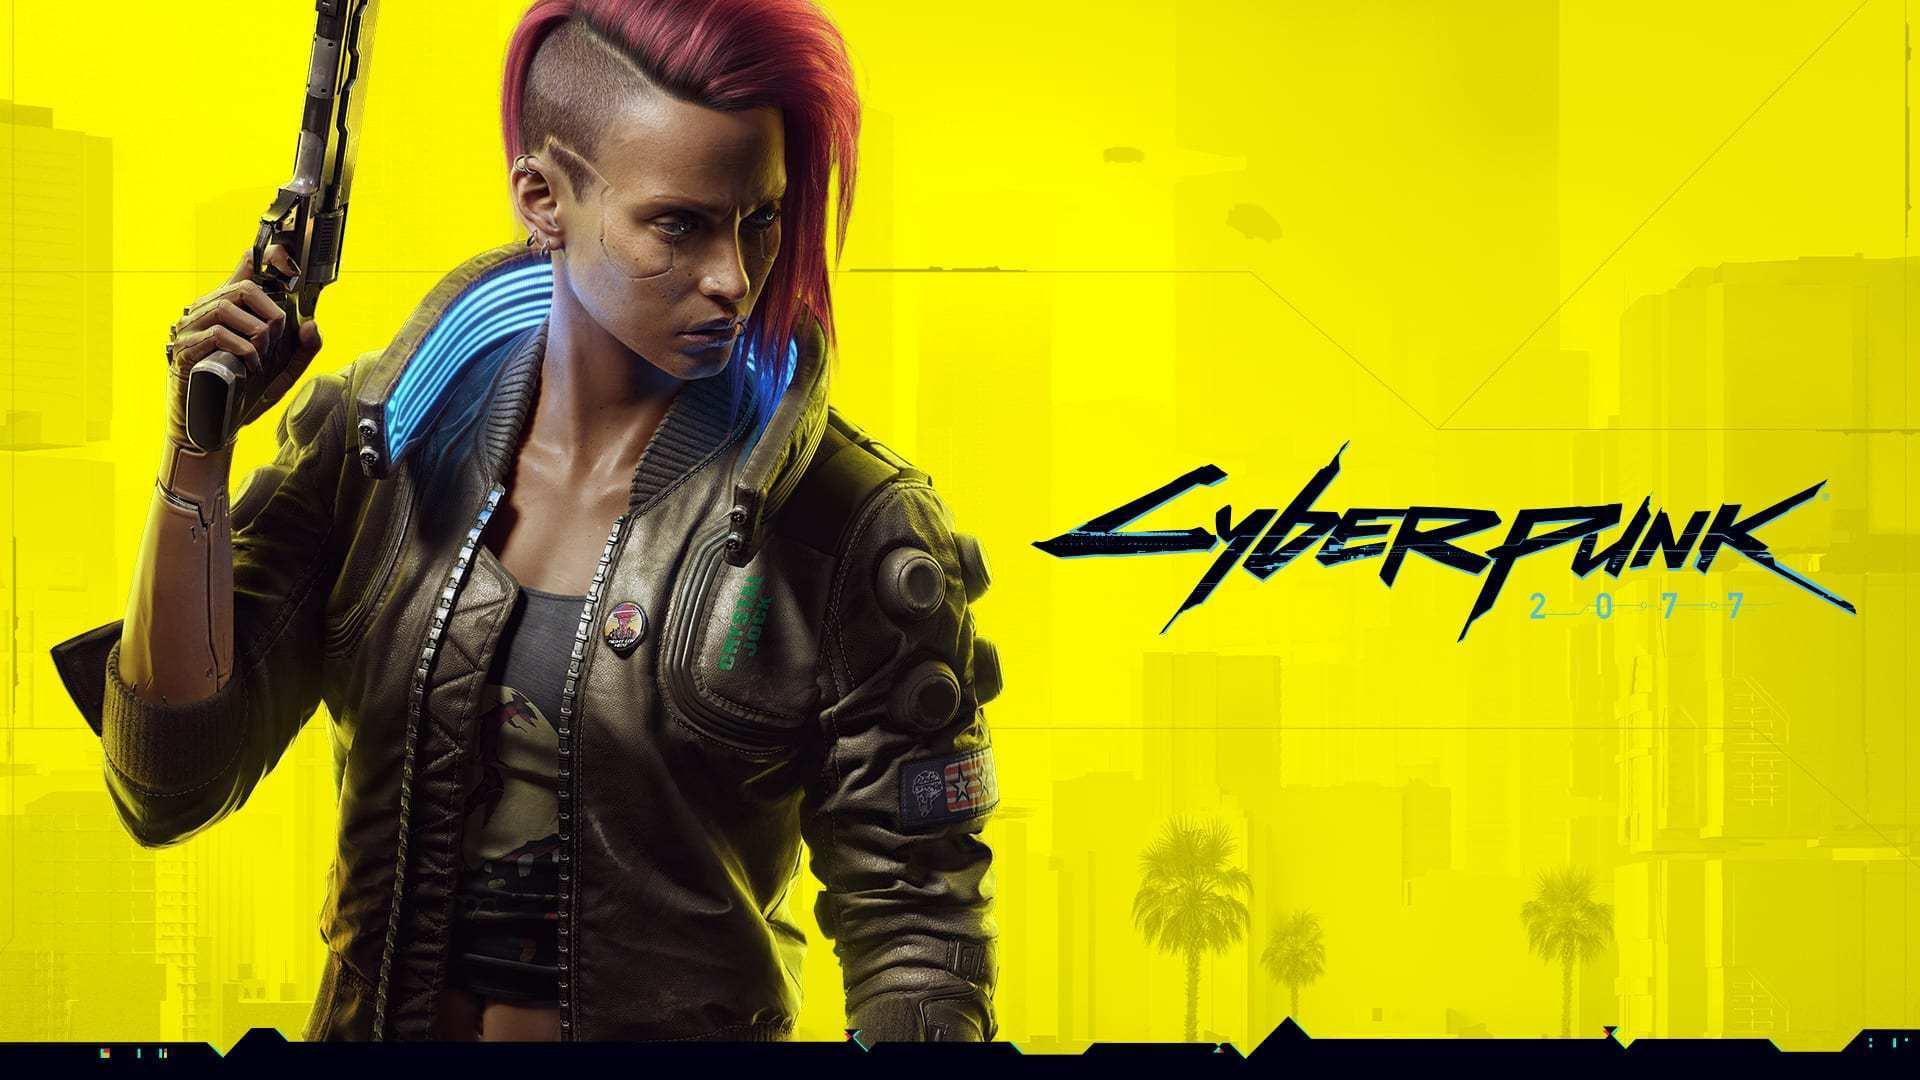 Cyberpunk 2077 celebra el Dia Internacional de la Mujer con un nuevo póster